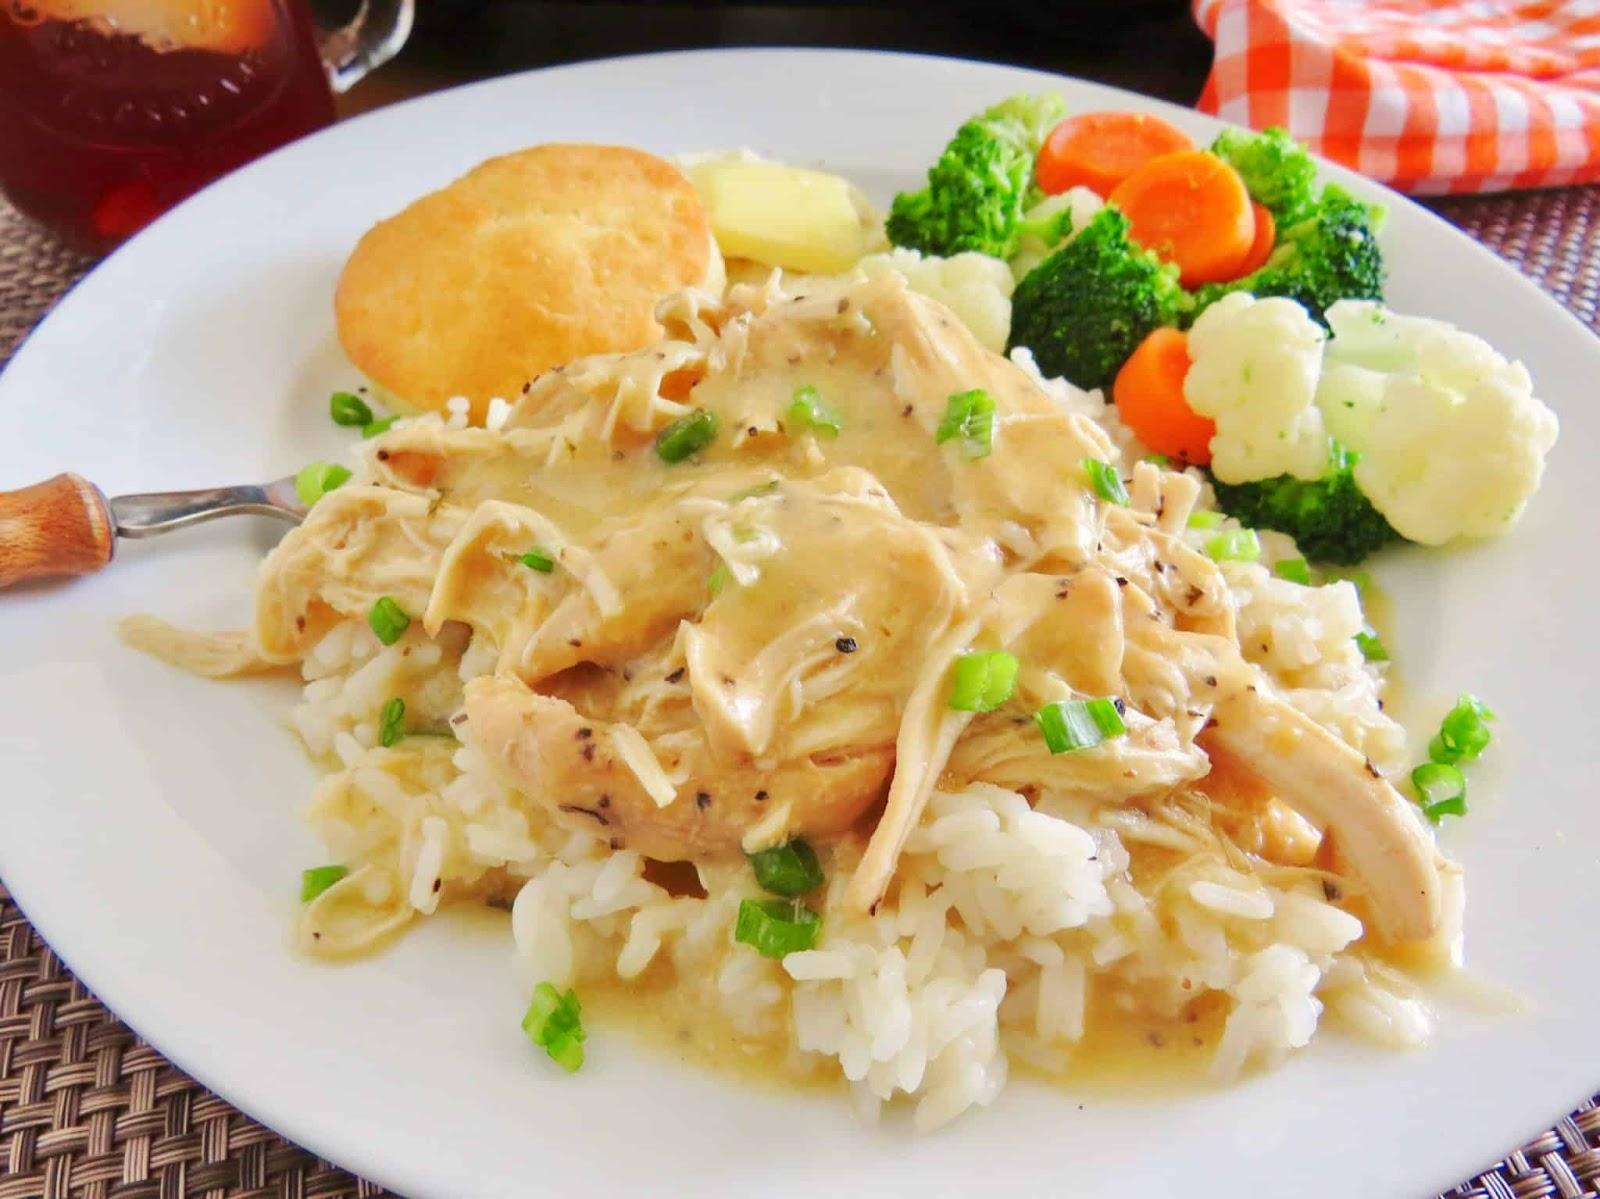 CROCK POT CHICKEN AND GRAVY #dinner #chicken #gravy #healthydinner #familyrecipes